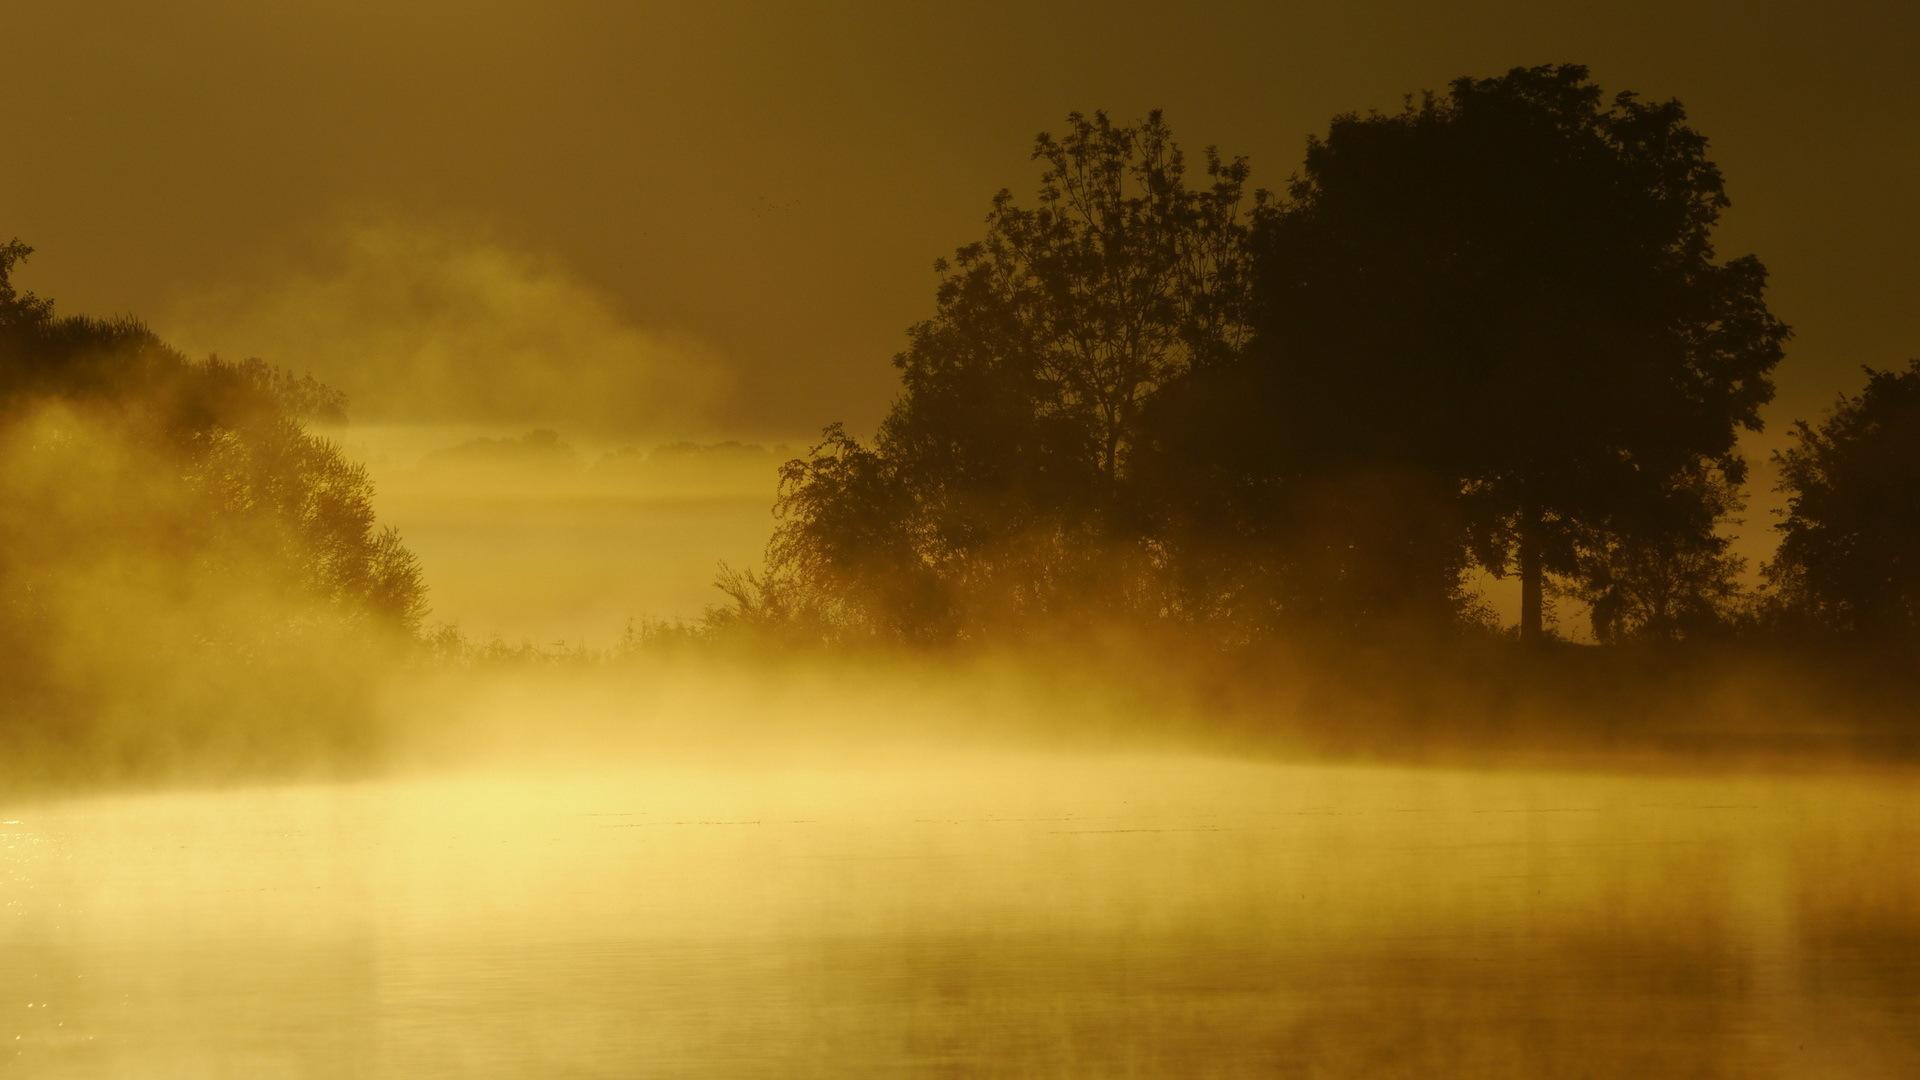 31 beautiful desktop wallpapers of mist